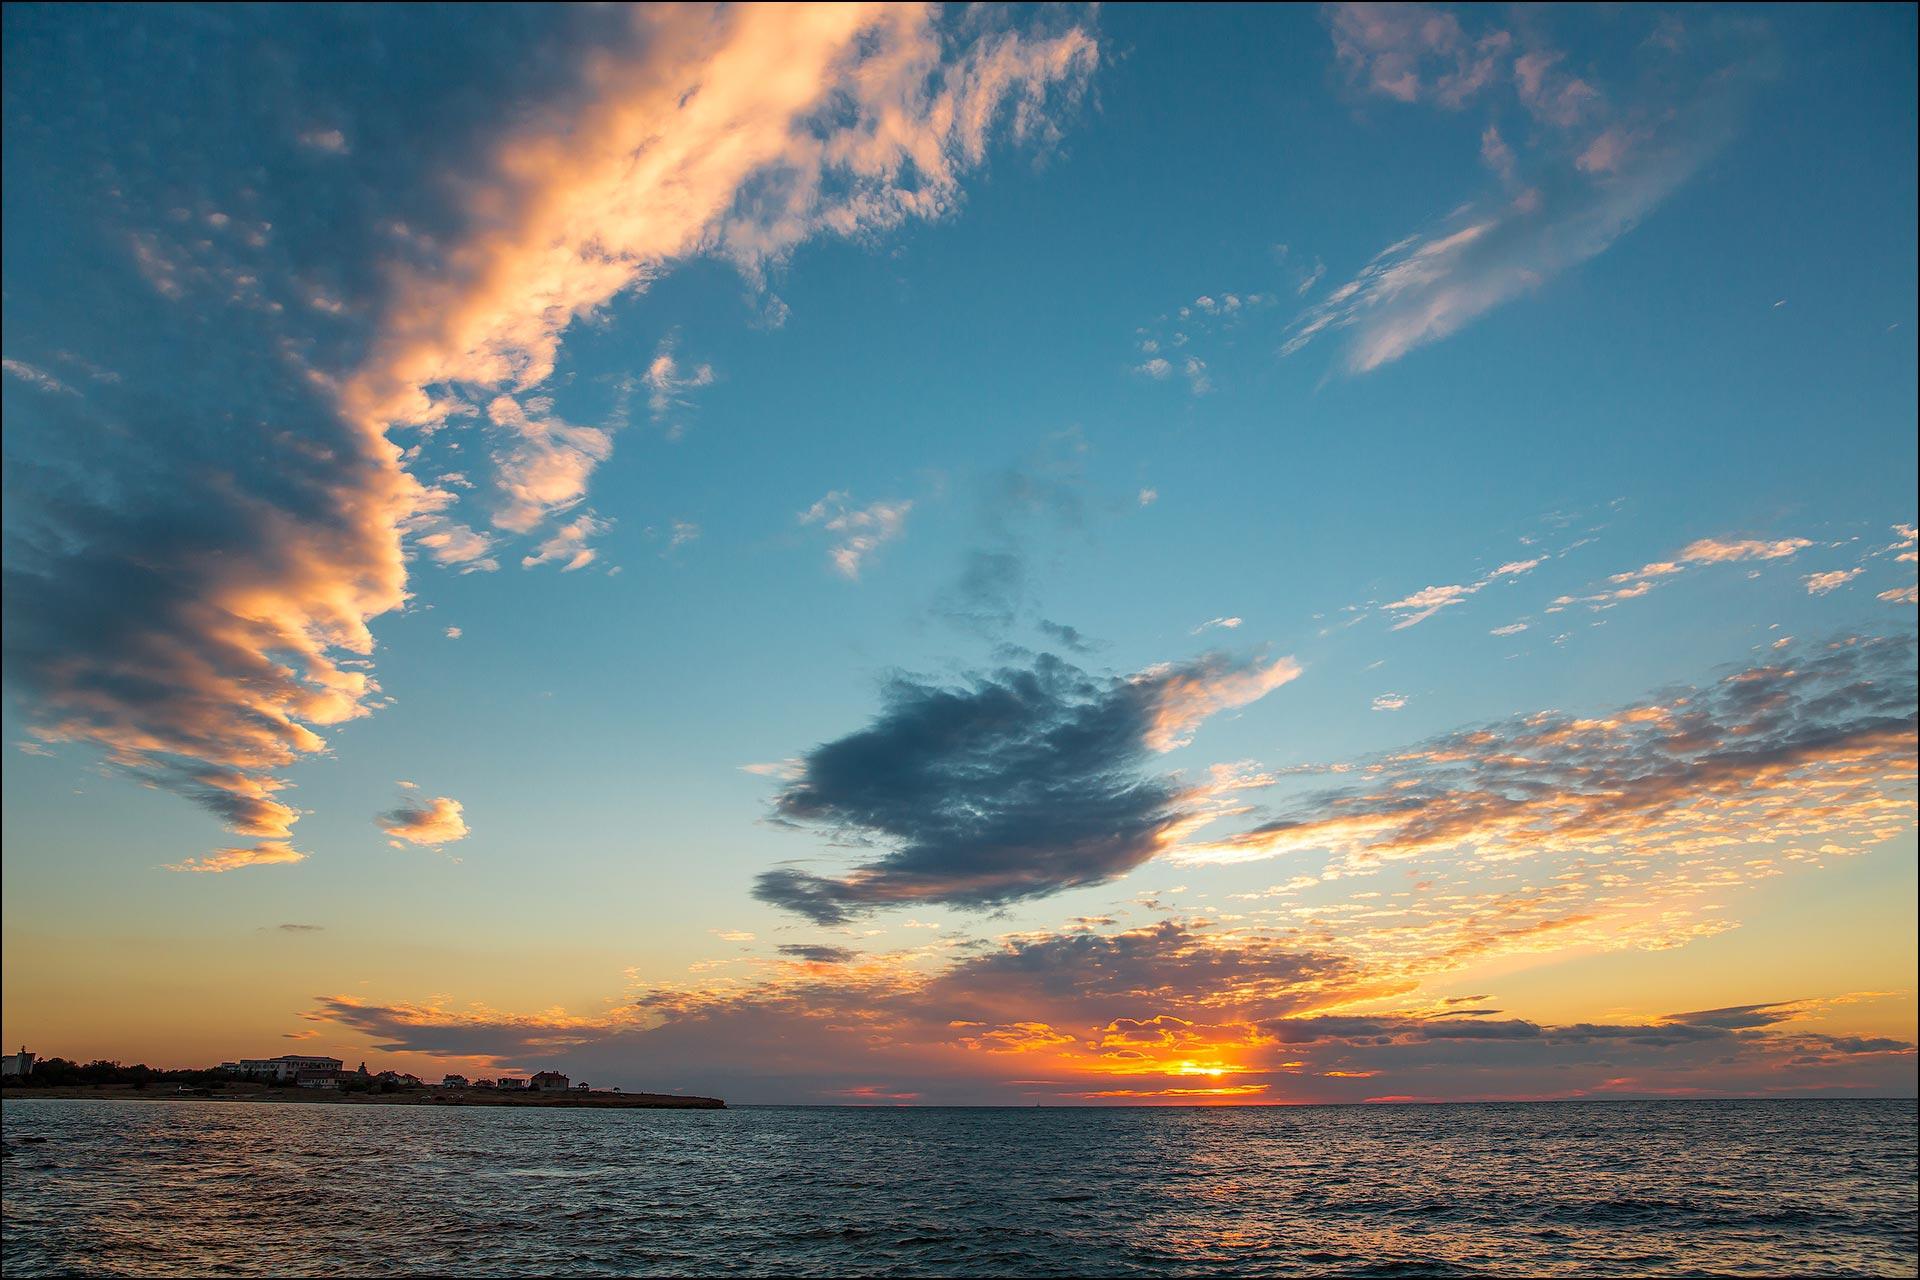 чите хорошо удивительная красота неба на сахалине фото живут природе урбанизированных